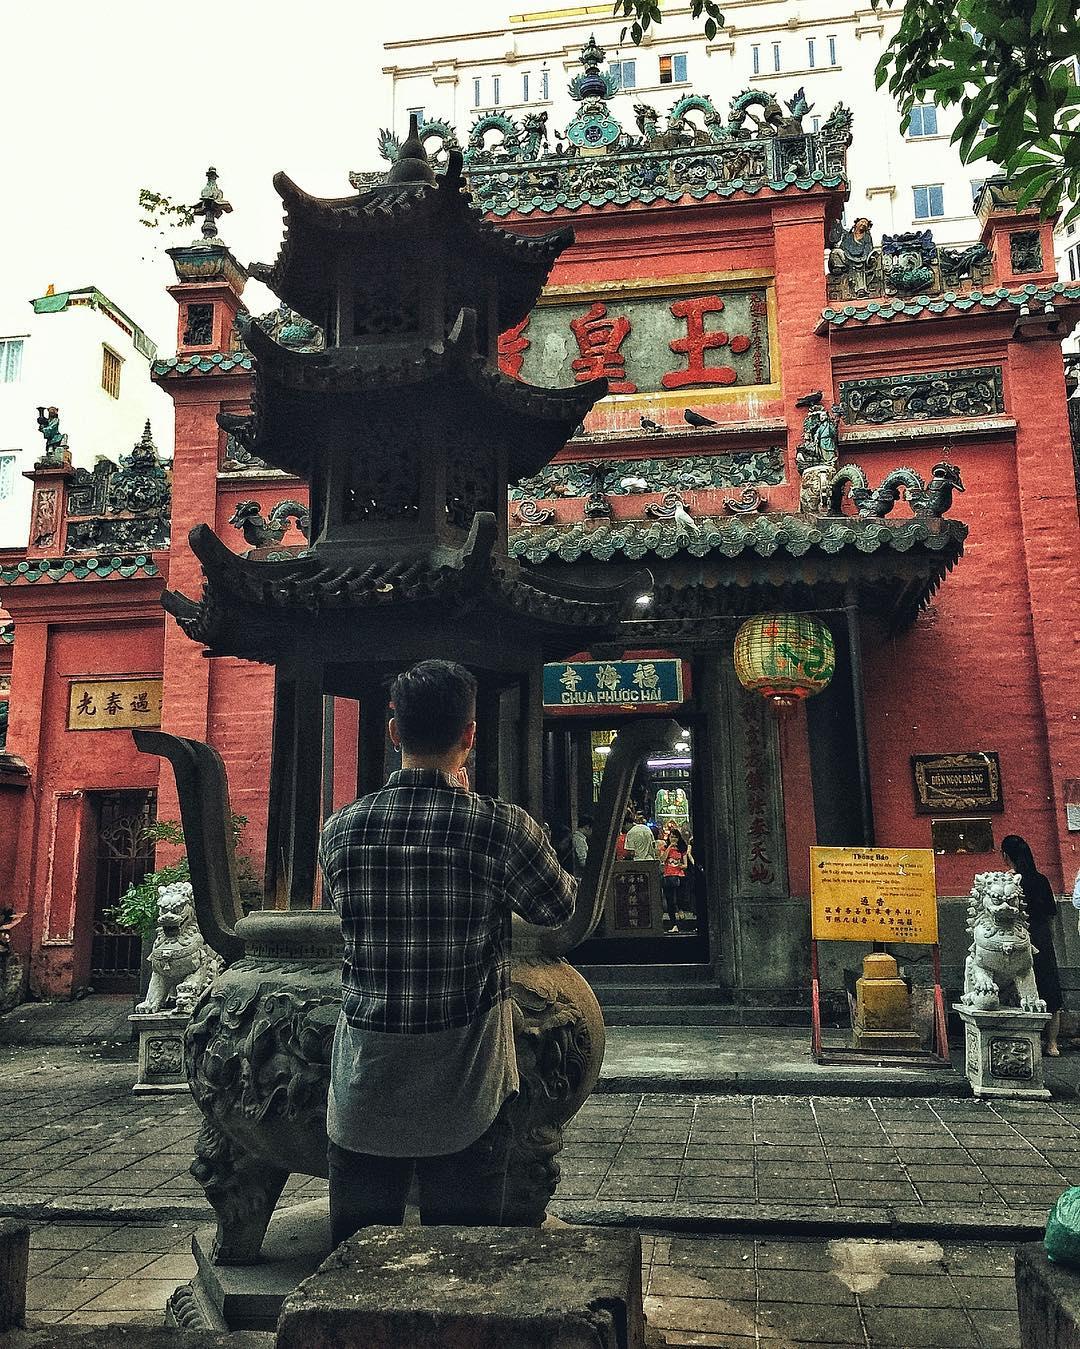 Nhân ngày Thất Tịch, cùng dạo quanh những ngôi chùa cầu duyên nổi tiếng nhất Hà Nội và Sài Gòn - Ảnh 10.